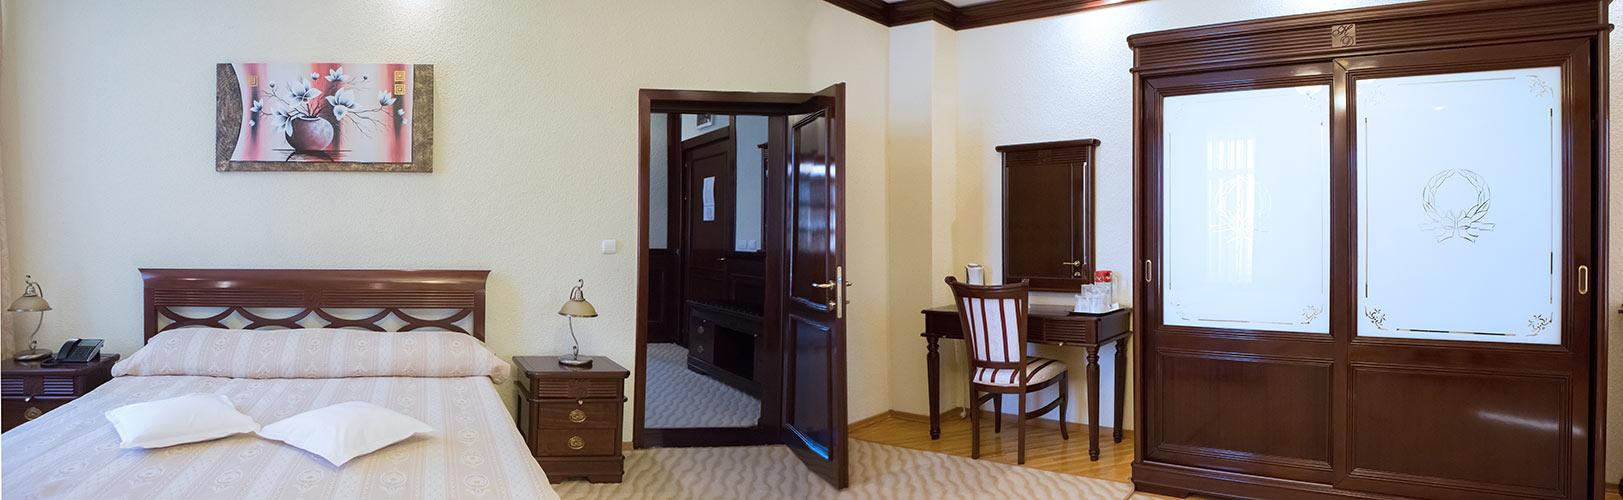 http://hotel-diplomat.ro/wp-content/uploads/family/18.jpg